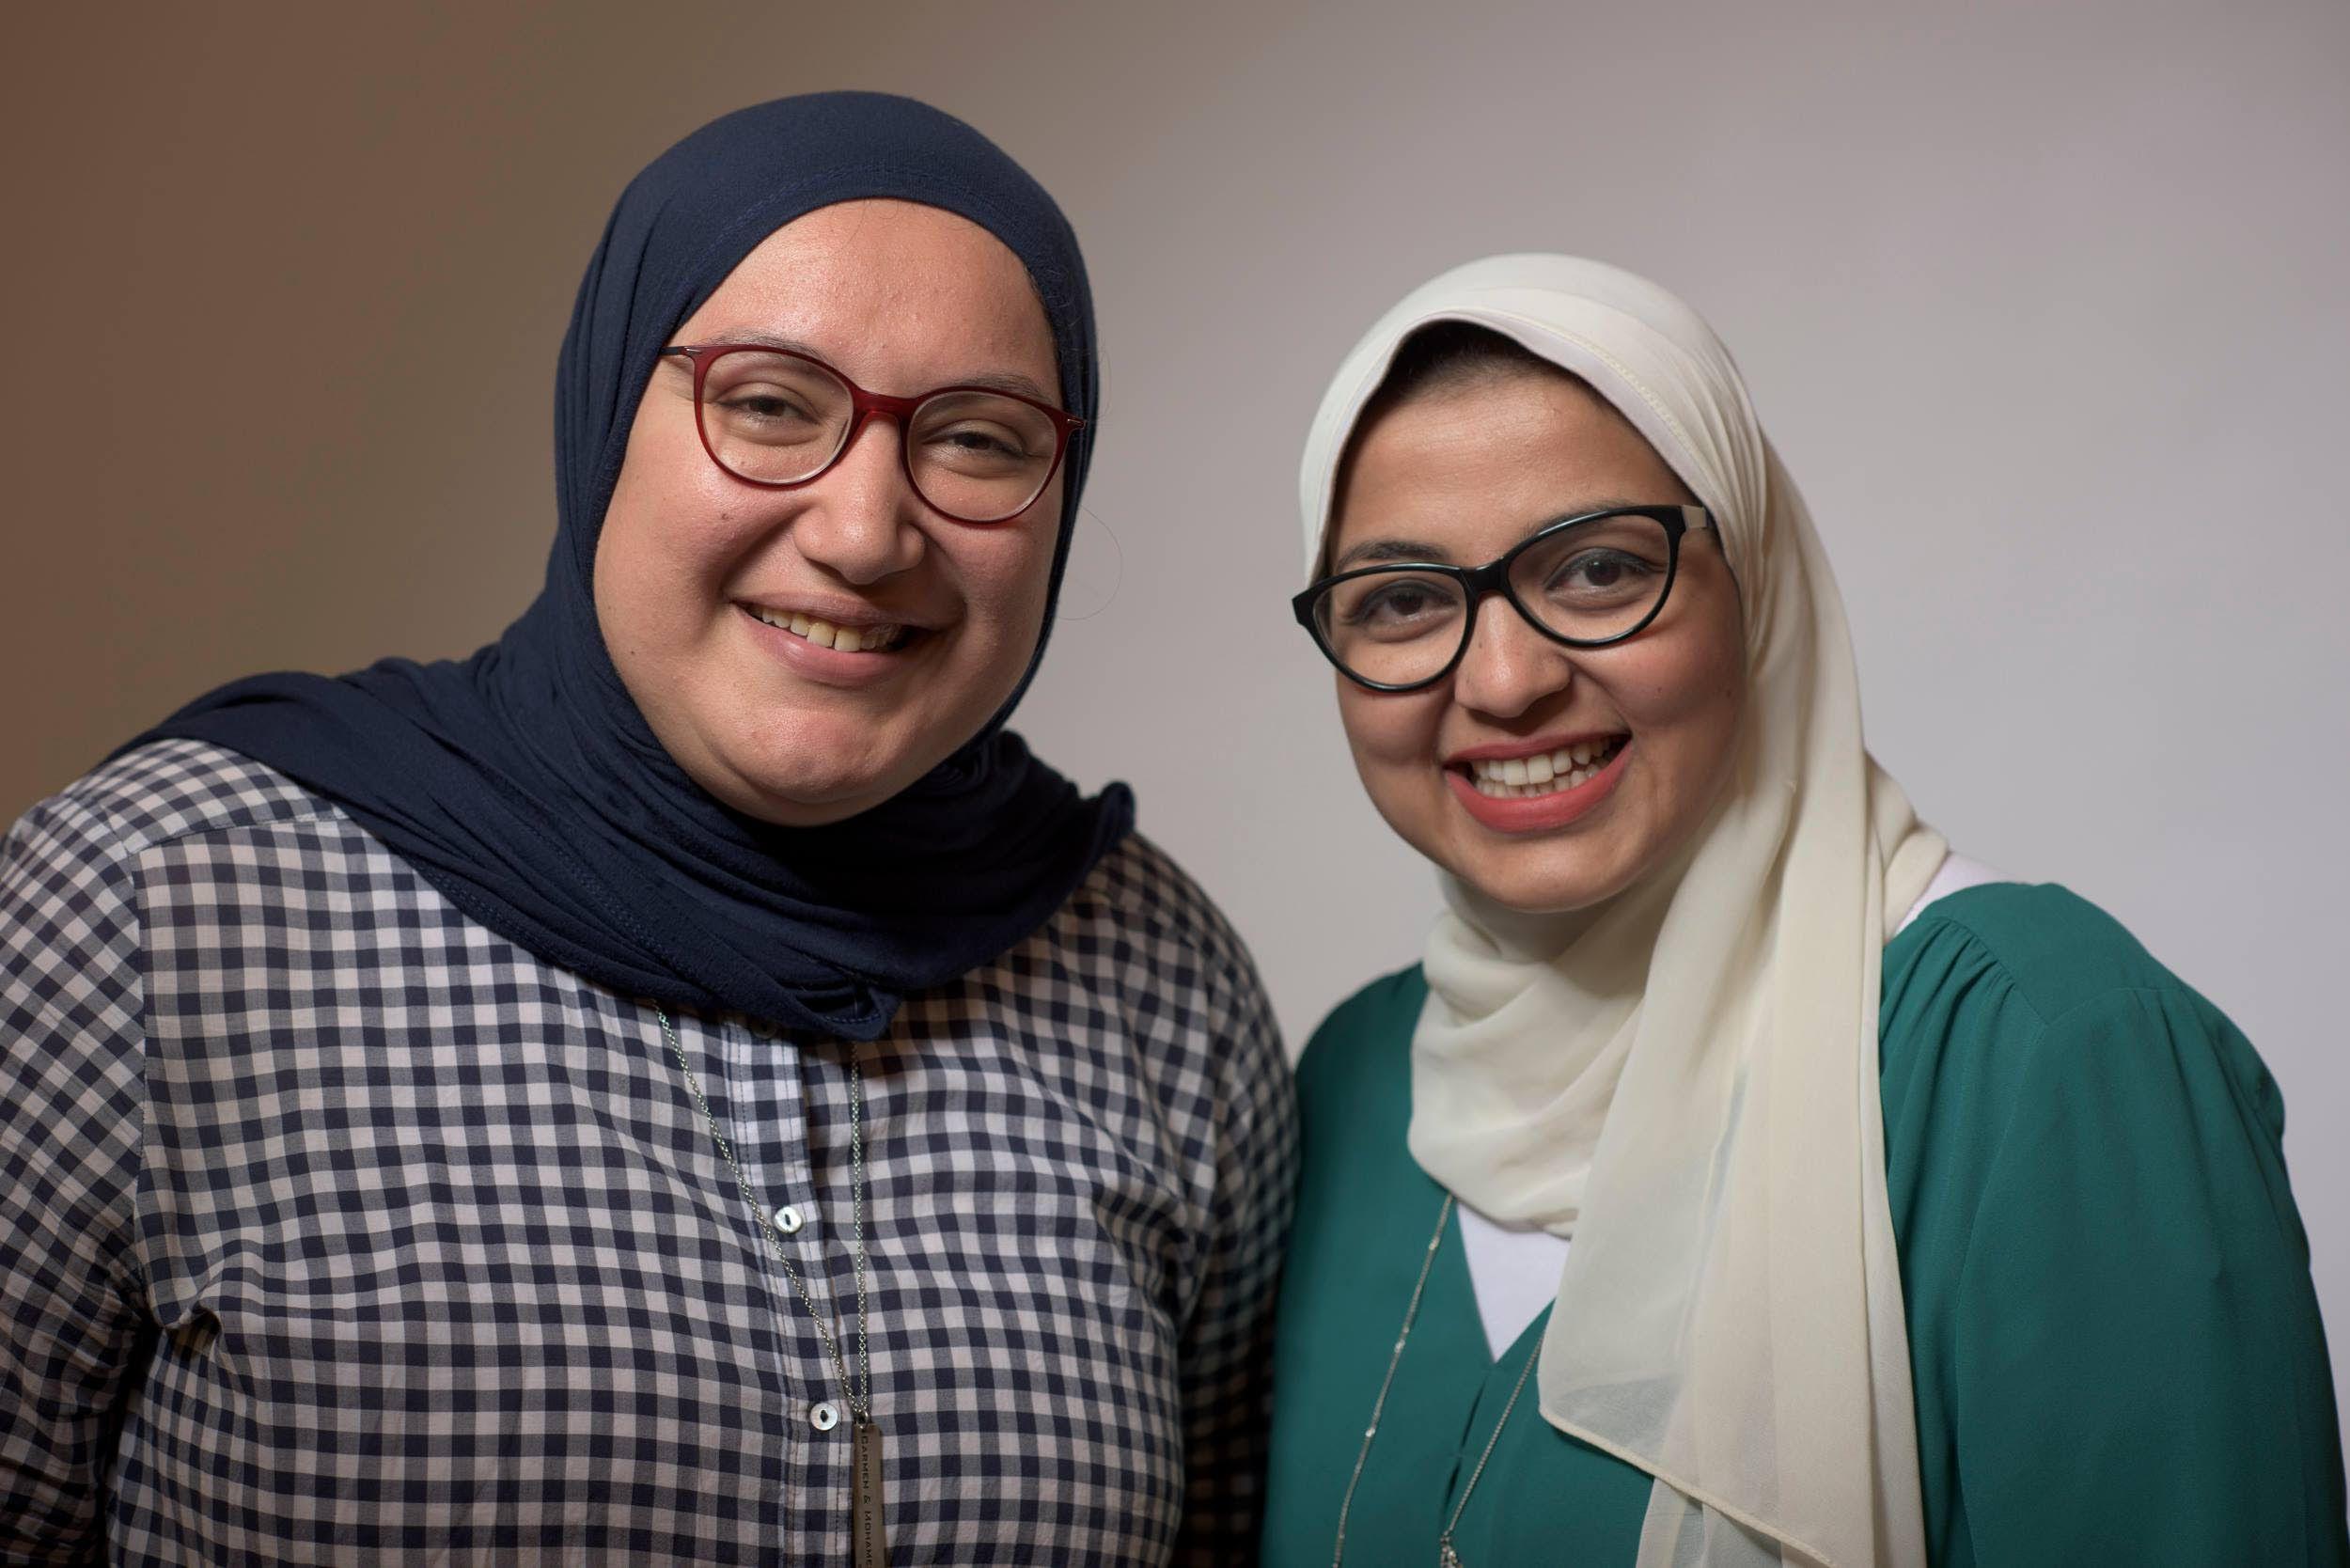 الشركة المصرية الناشئة تشجع الصيدليات على الدخول على الإنترنت